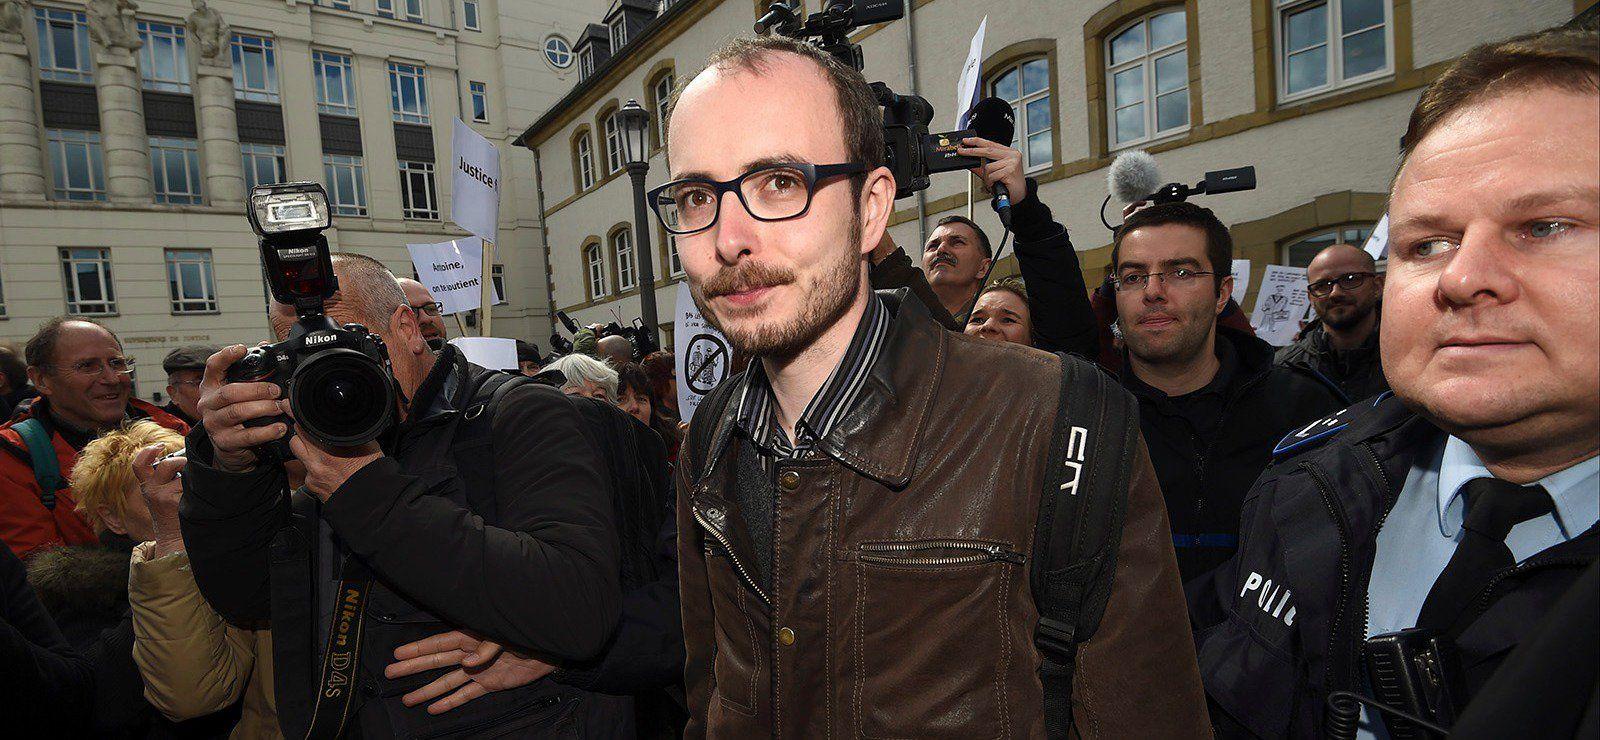 Michel Soudais @msoudais 10 hil y a 10 heures  Procès #Luxleaks : Pourquoi la condamnation des lanceurs d'alerte est scandaleuse http://goo.gl/AXxRVk  Politis, Attac France, UGICT - CGT et Oxfam France